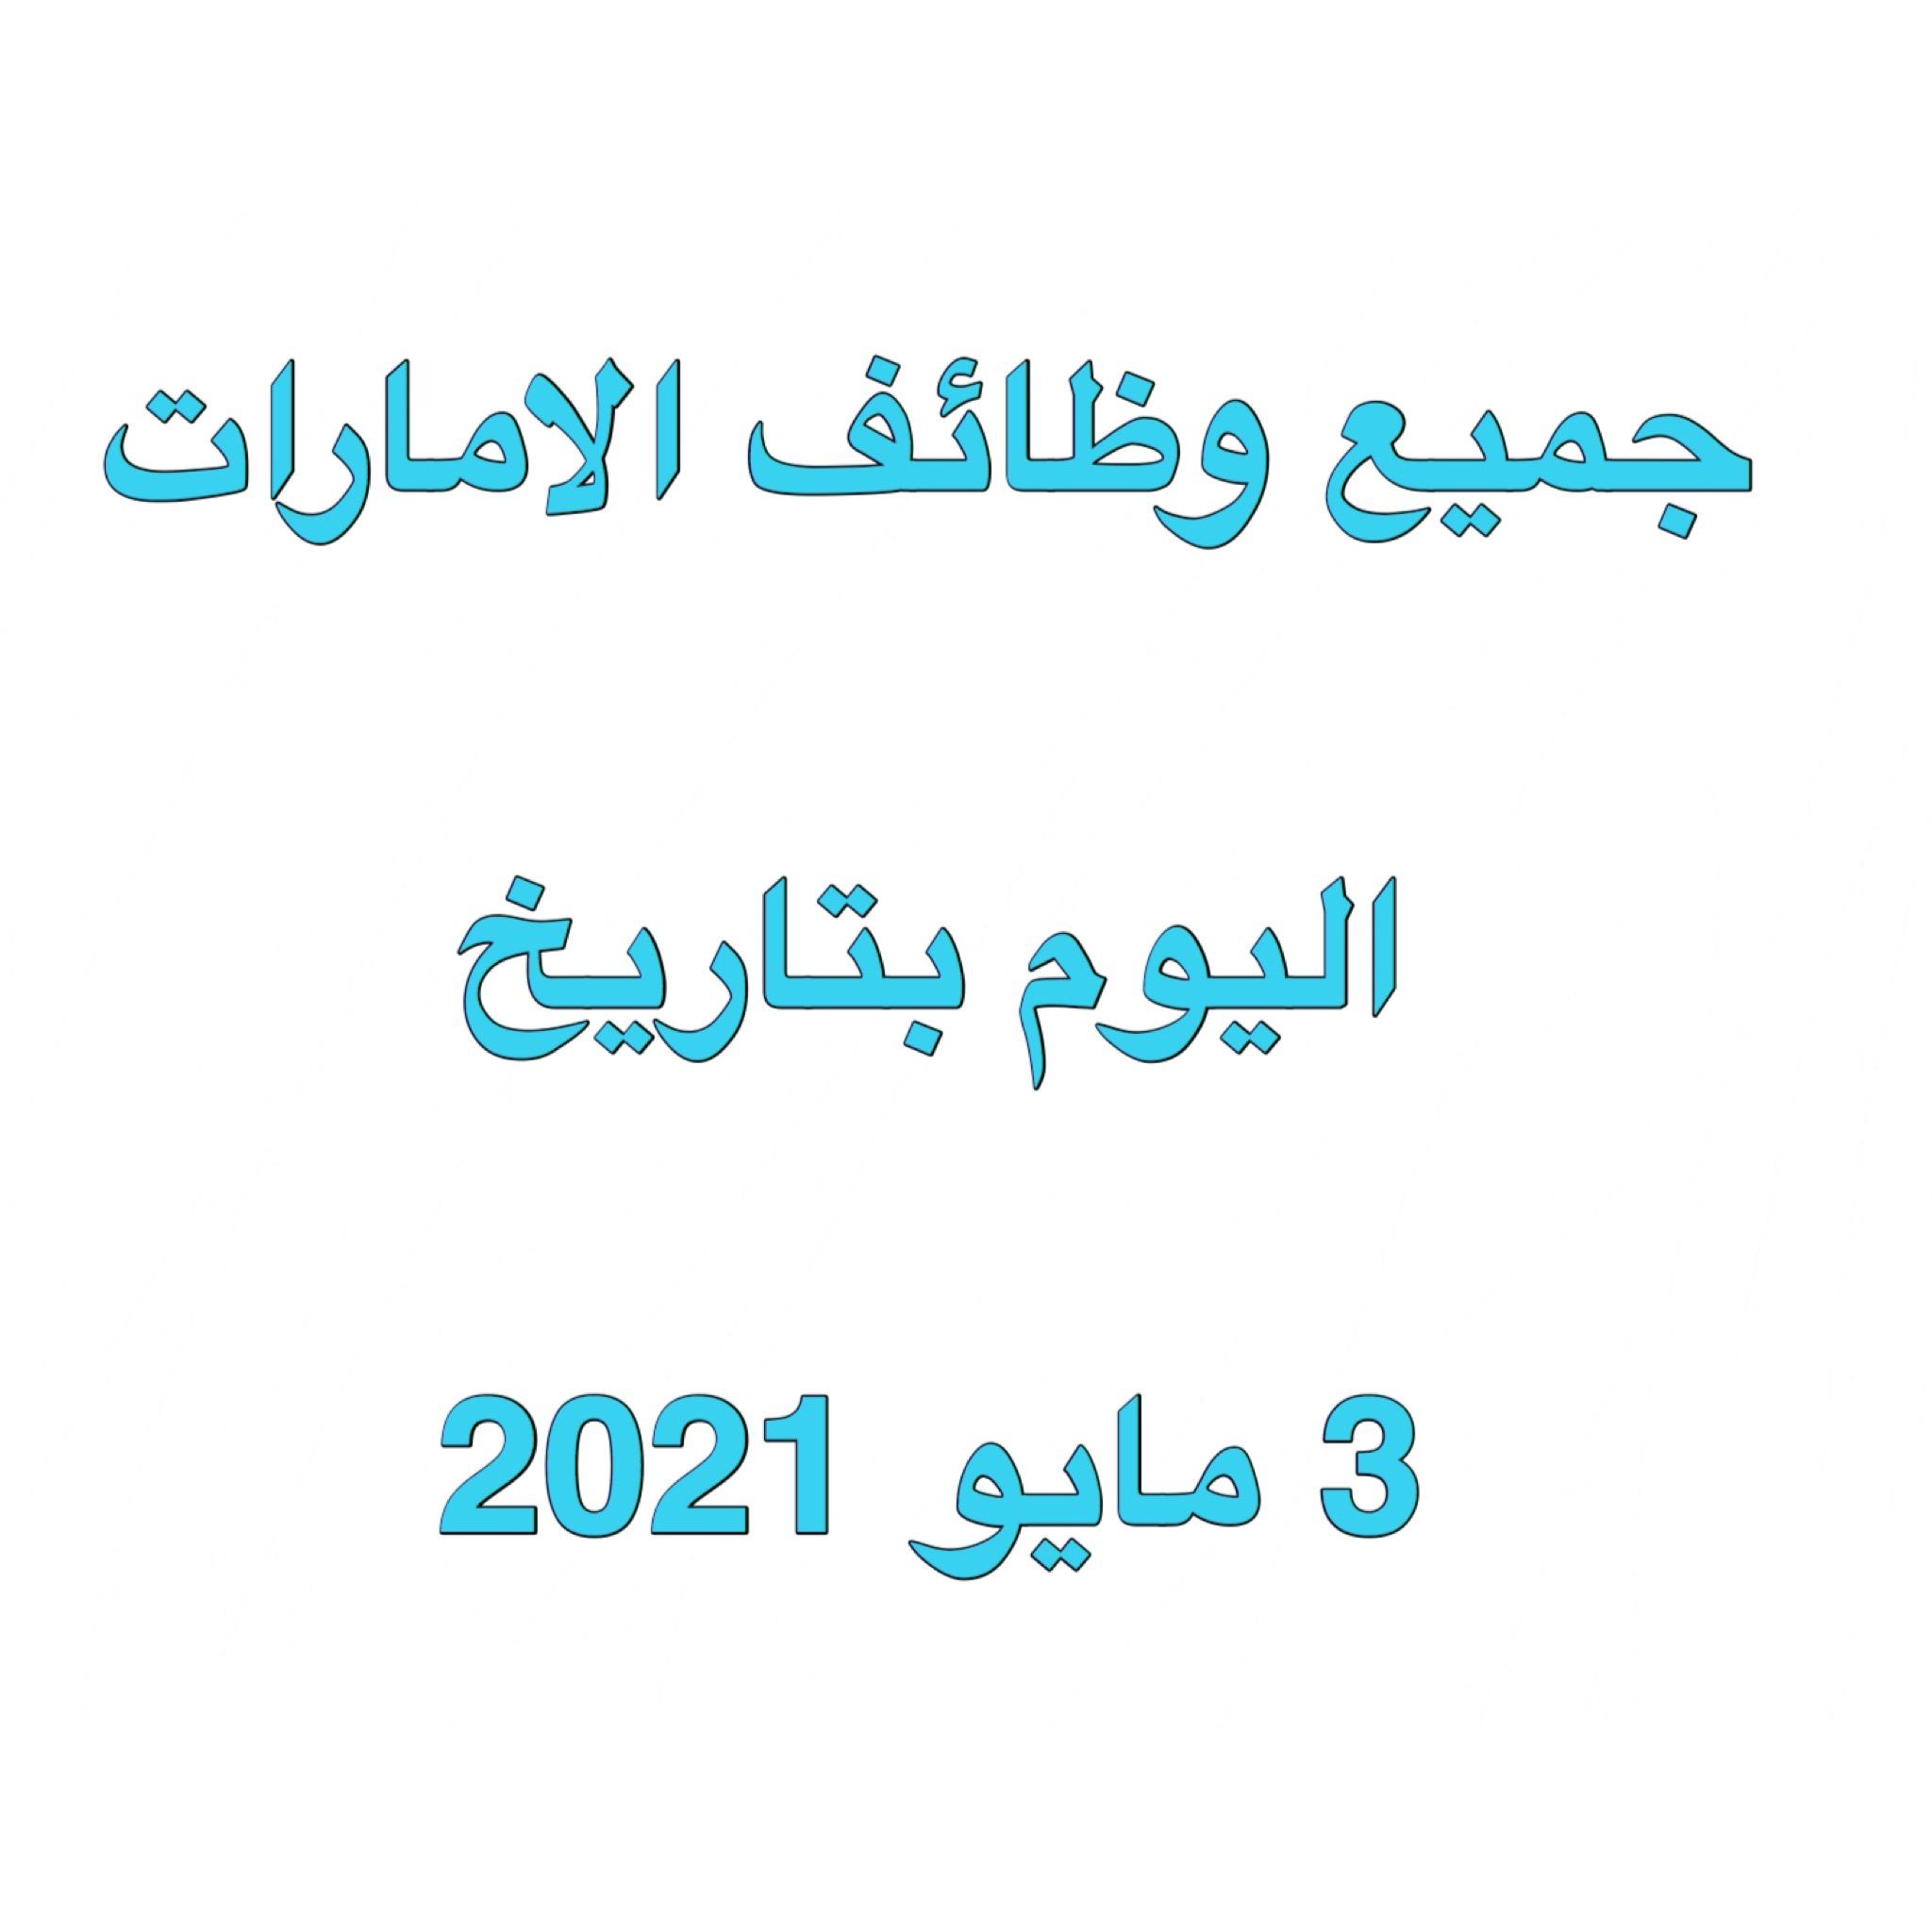 وظائف مايو 2021 خالية وفرص عمل بالامارات وحصل على وظيفة الان في الامارات اليوم ( 3 مايو 2021 ) لجميع التخصصات يومي في دولة الامارات للمواطنين والمقيمين بالامارات بتاريخ 3-5-2021